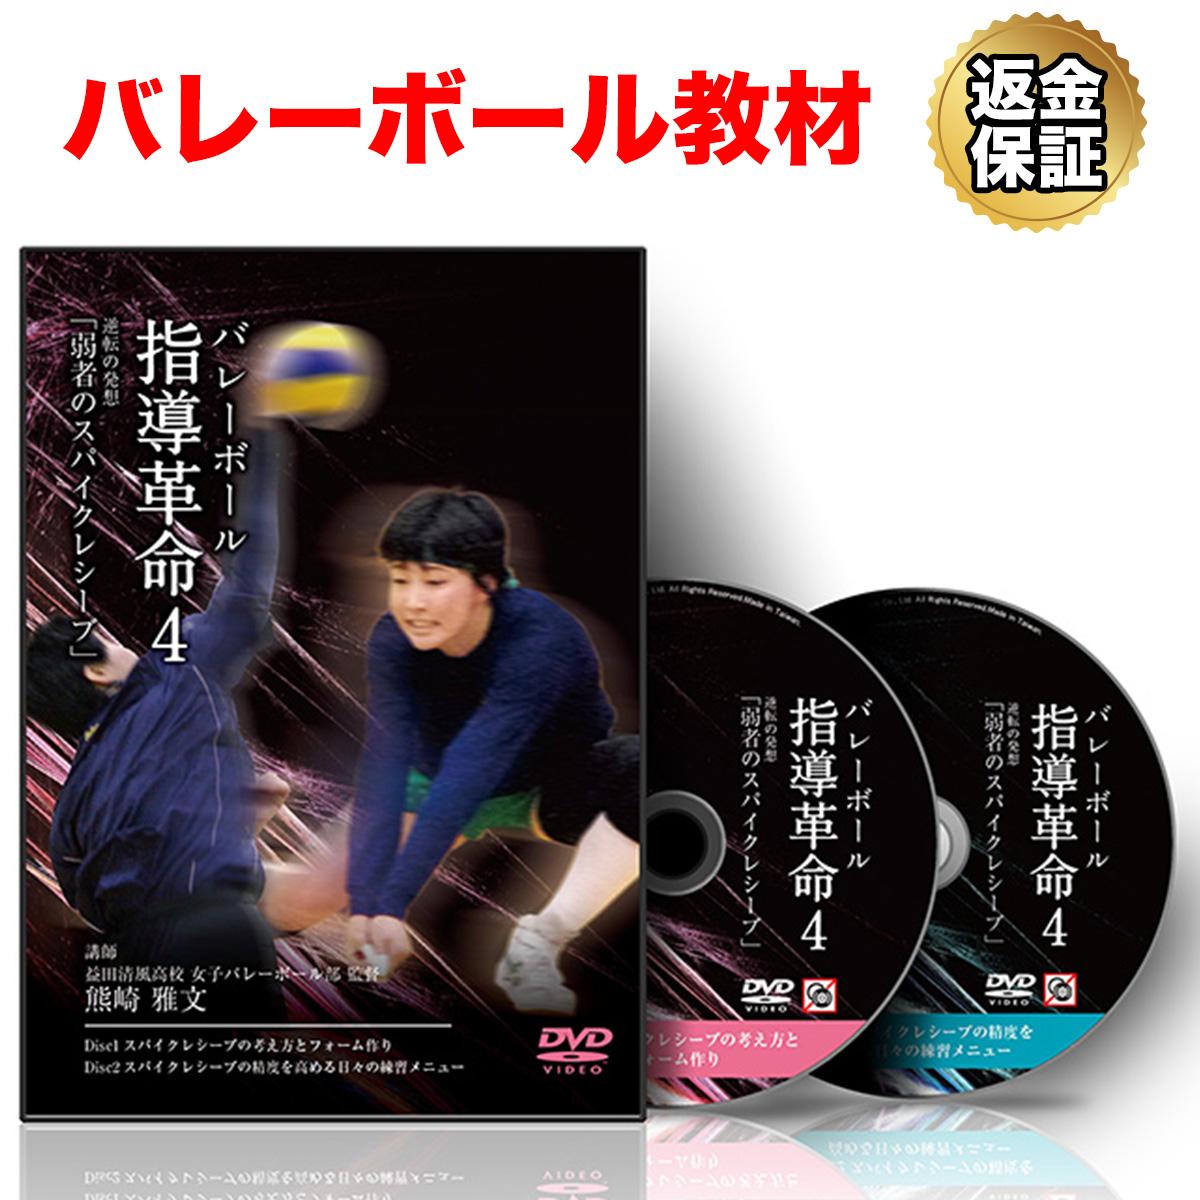 バレーボール 教材 DVD バレーボール指導革命4~逆転の発想「弱者のスパイクレシーブ」~